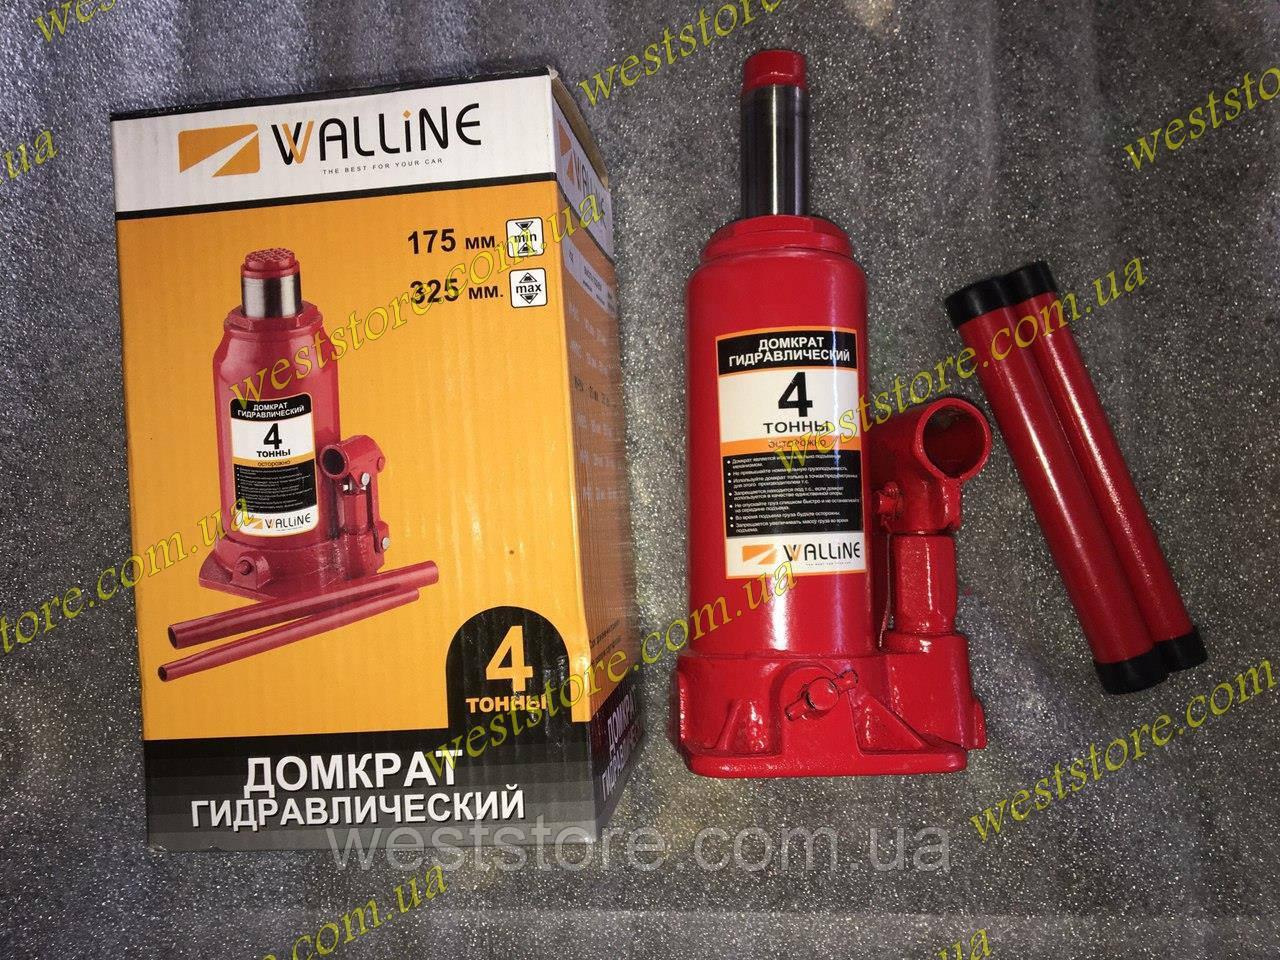 Домкрат бутылочный гидравлический 4т Walline коробка